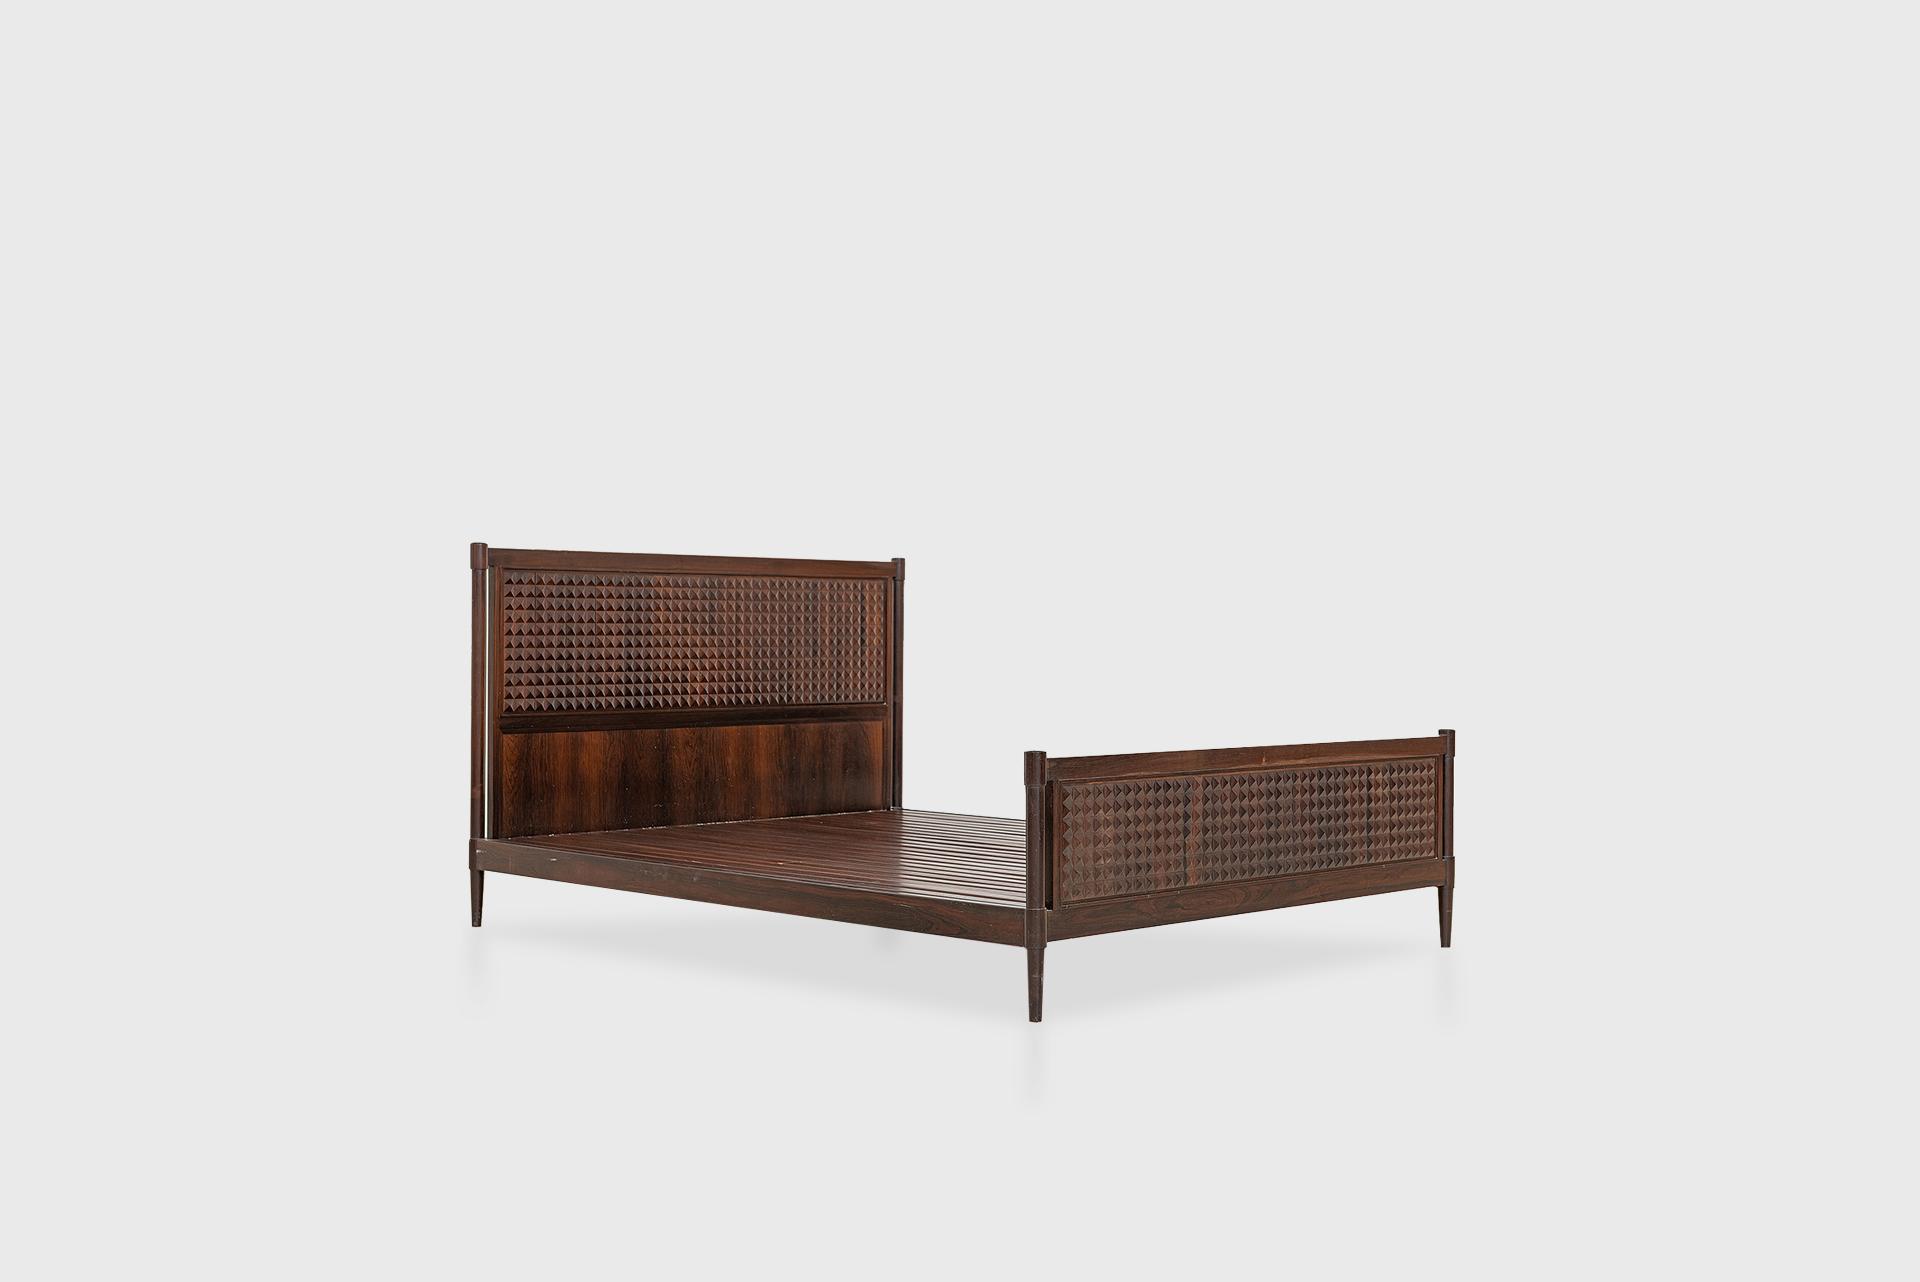 Double bed Manufactured by Tenreiro Móveis e Decorações Brazil, 1970s Jacaranda wood